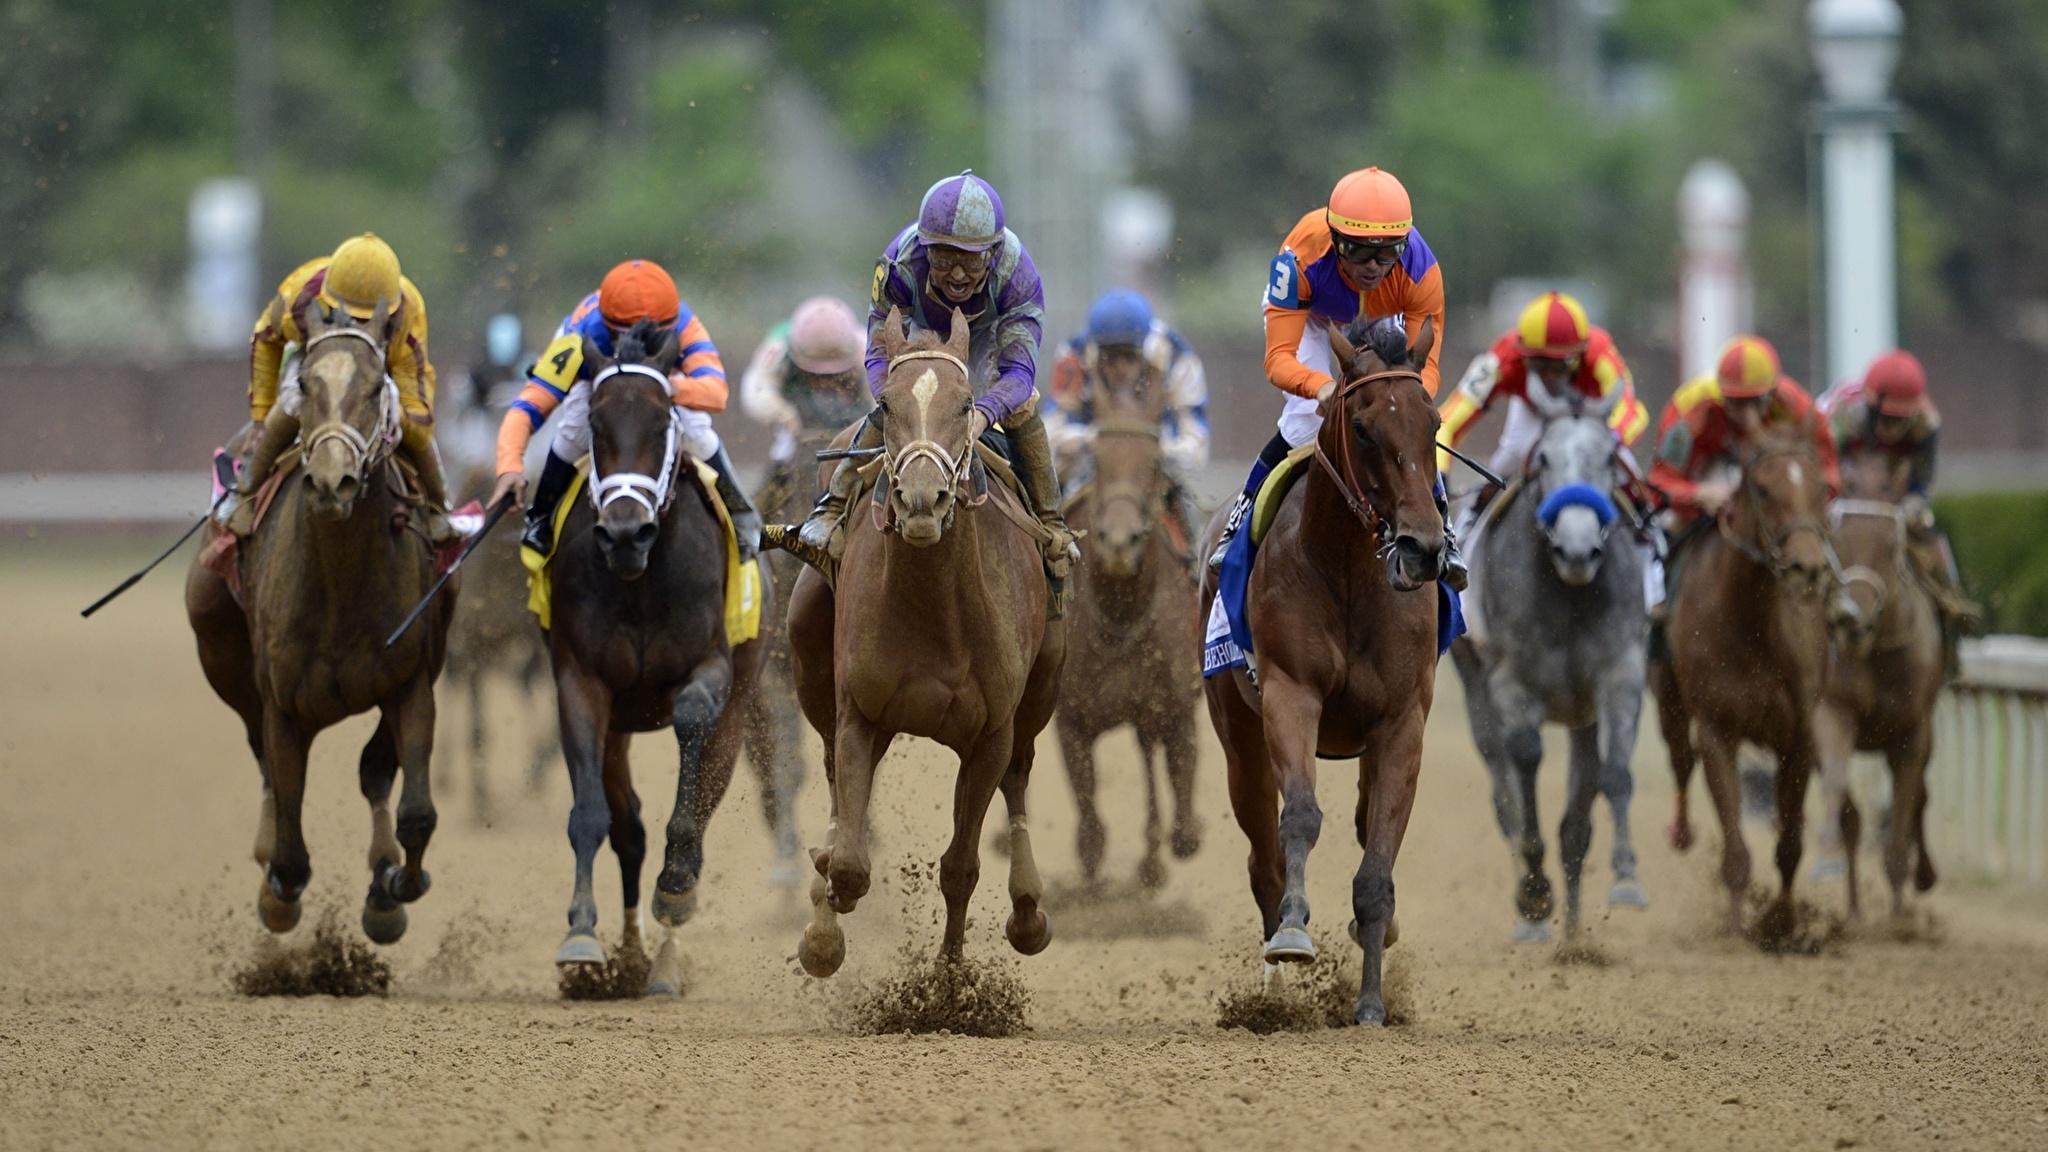 Эволюция в действии: скаковые лошади стали быстрее